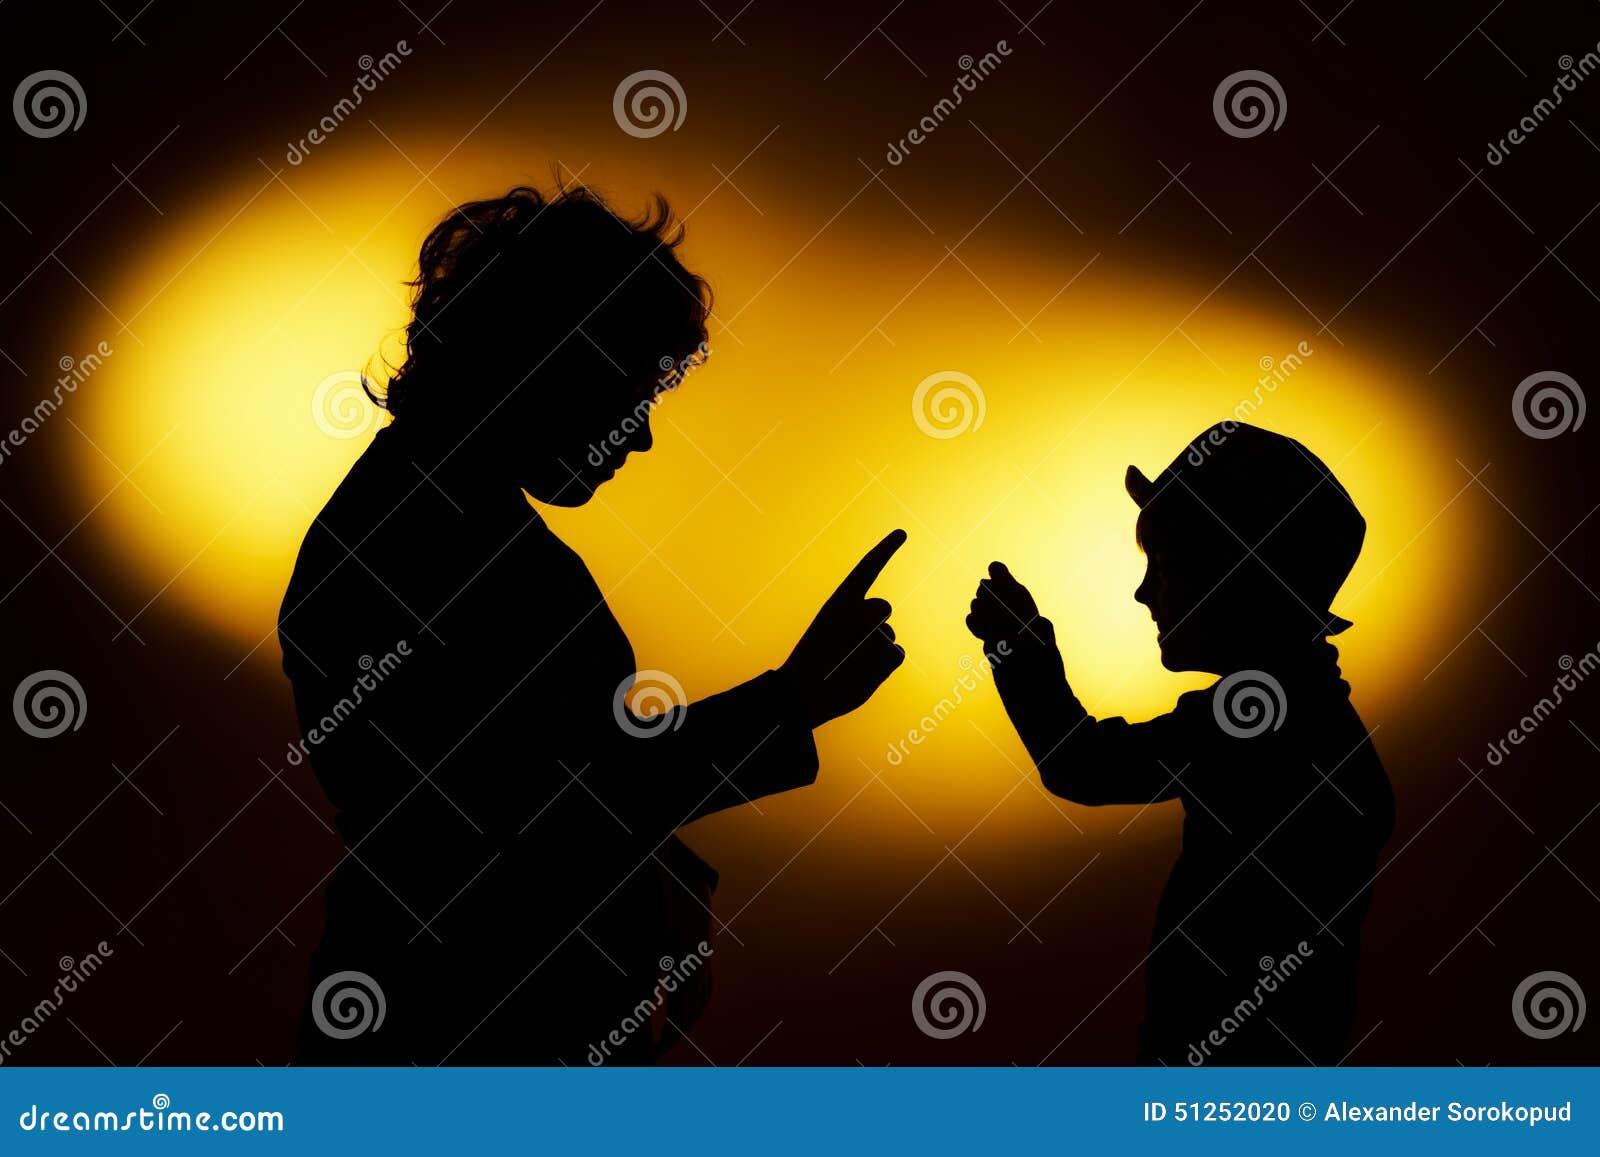 Twee silhouetten die van de expressieve jongen emoties tonen die gesticu gebruiken